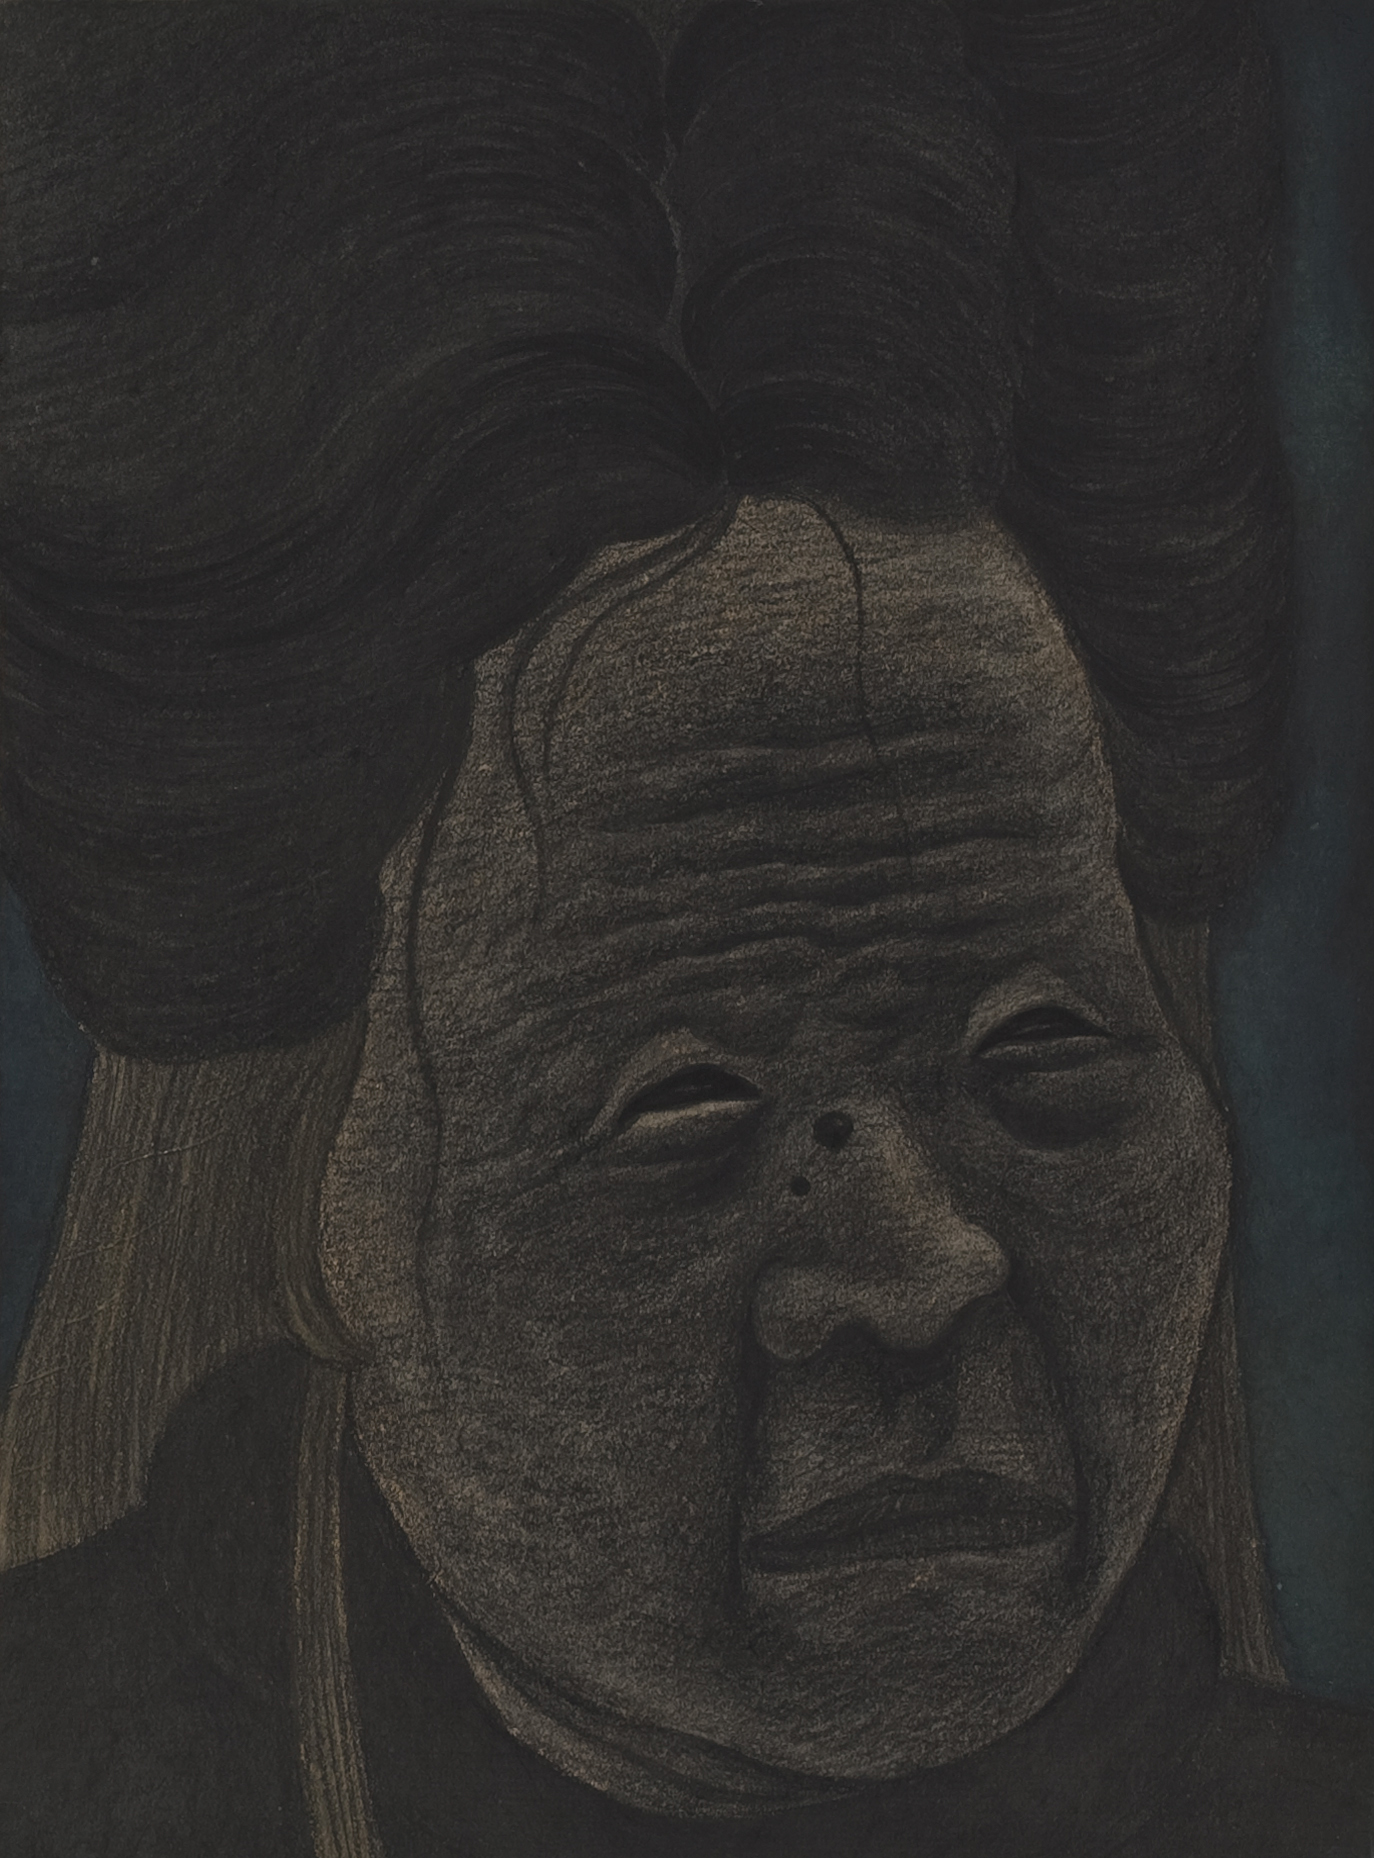 메텔의 초상